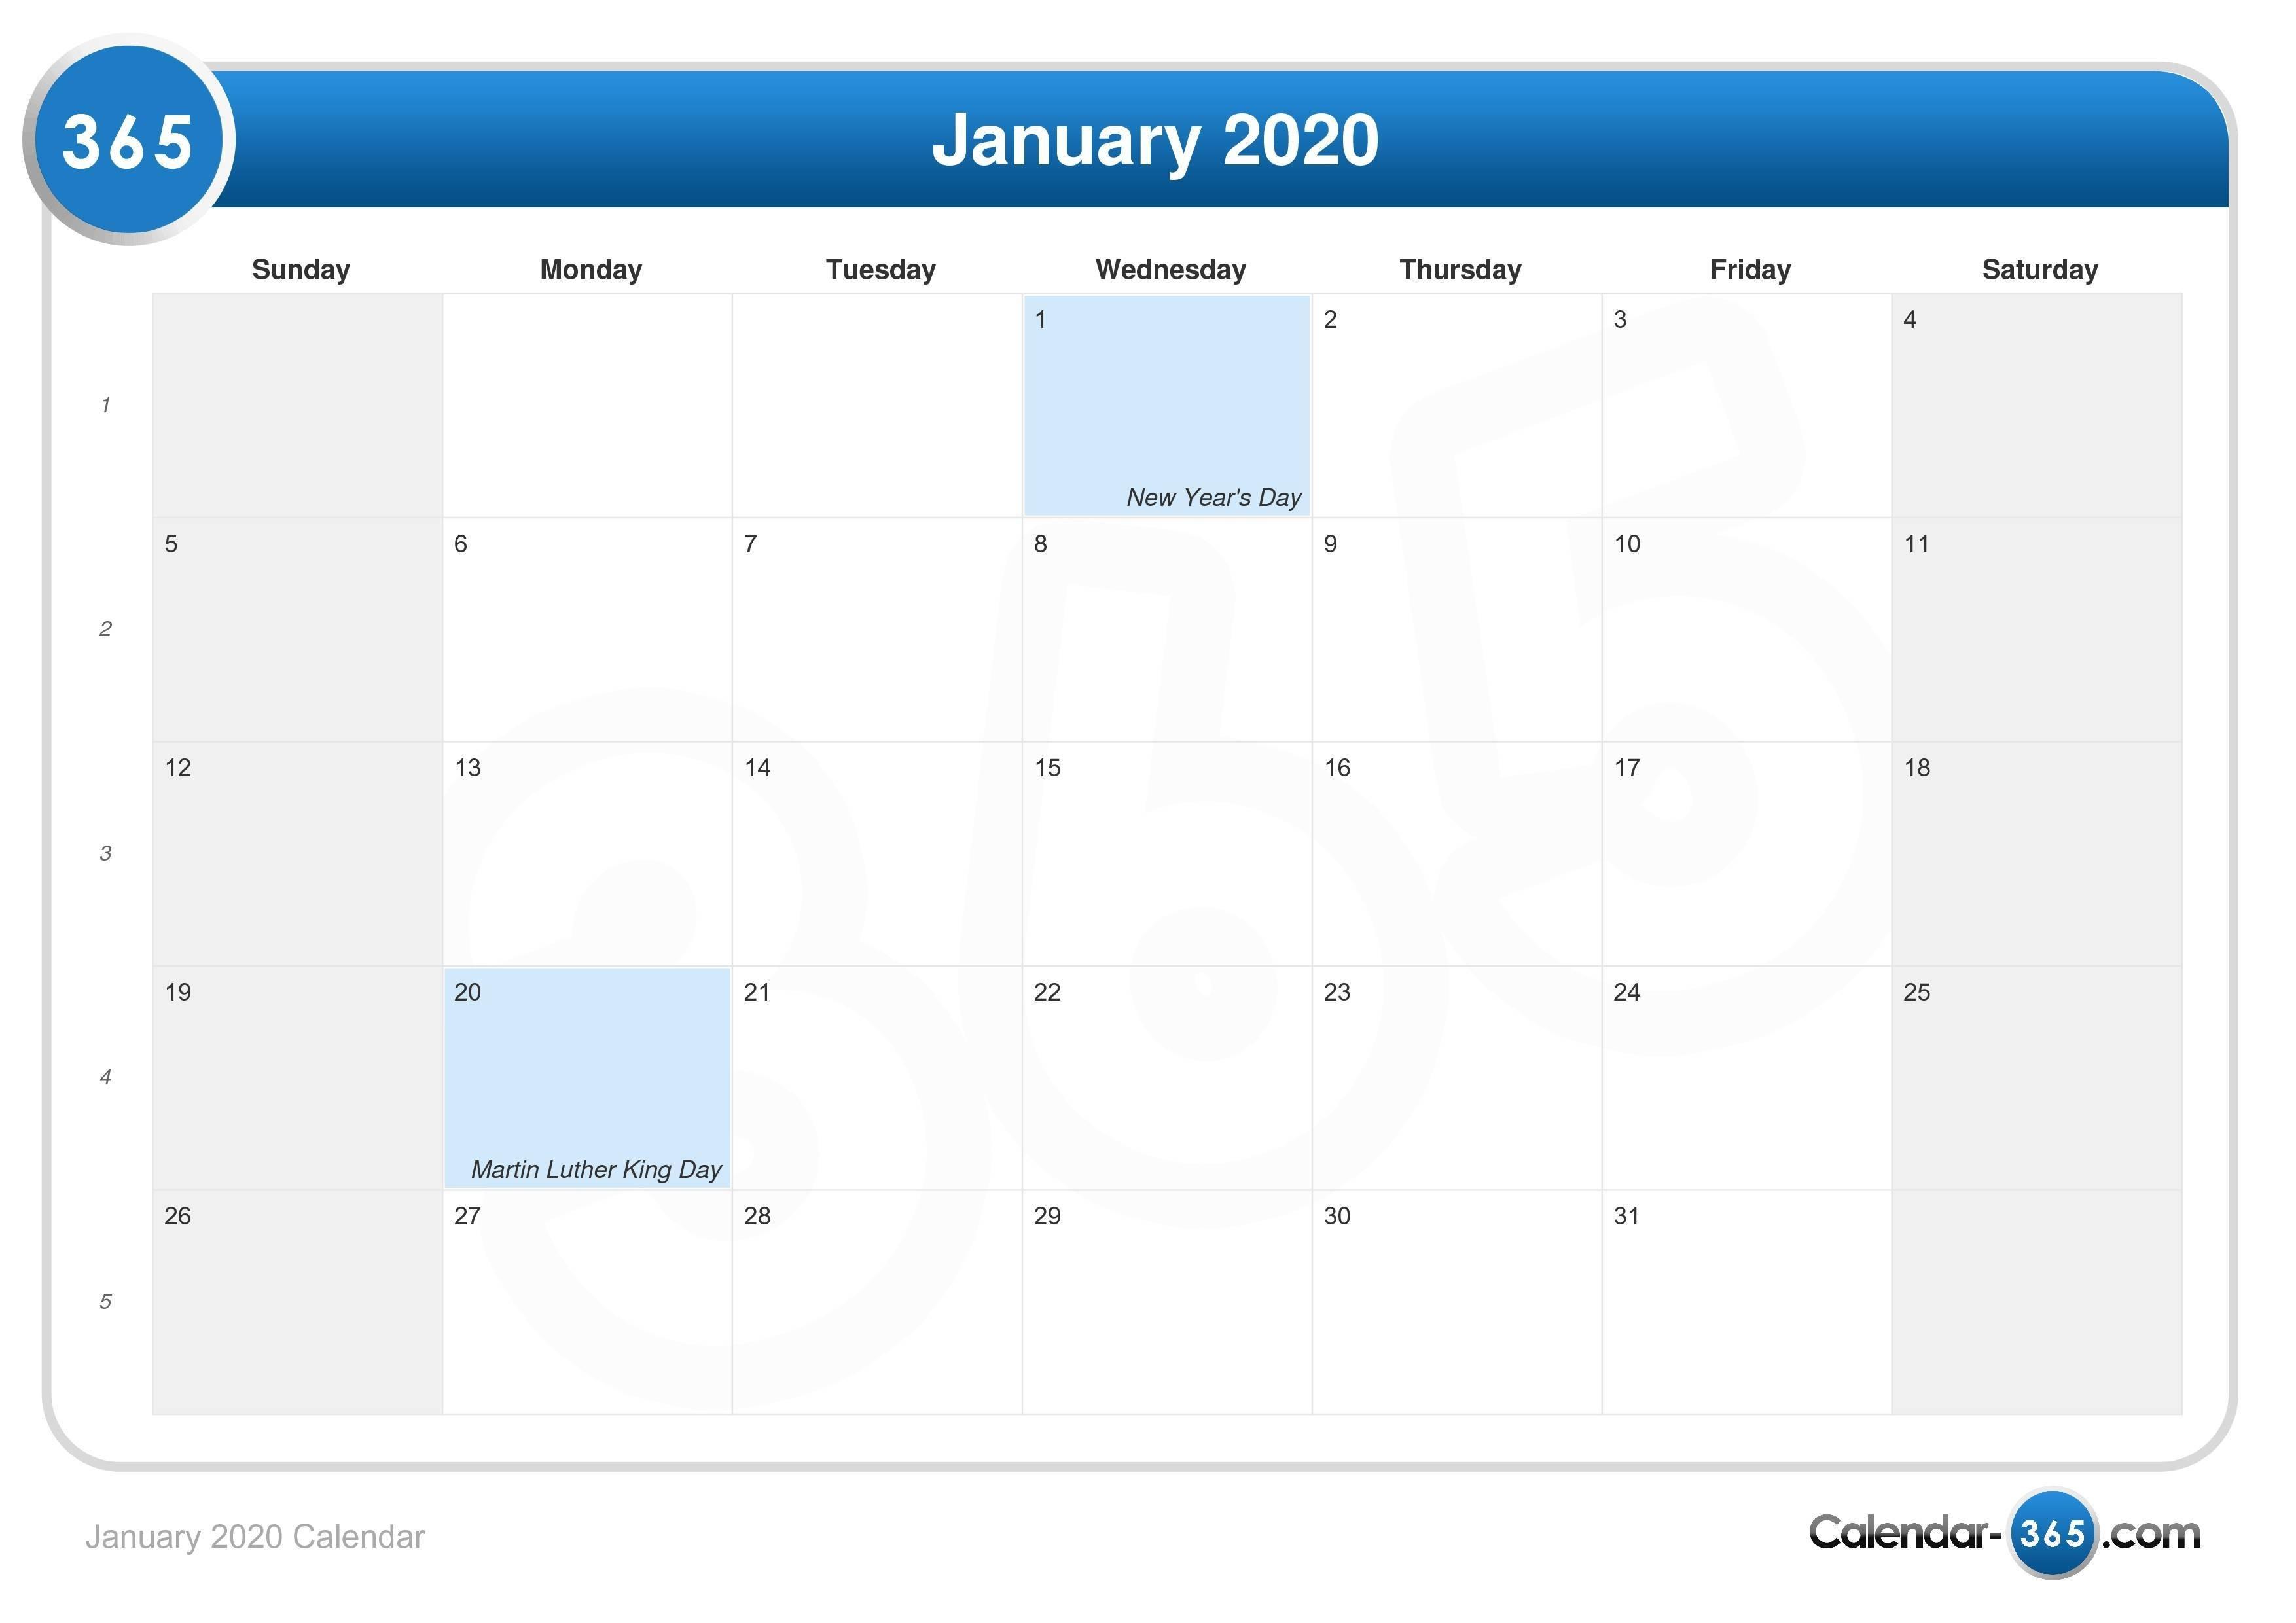 January 2020 Calendar-January 2020 Calendar With Moon Phases